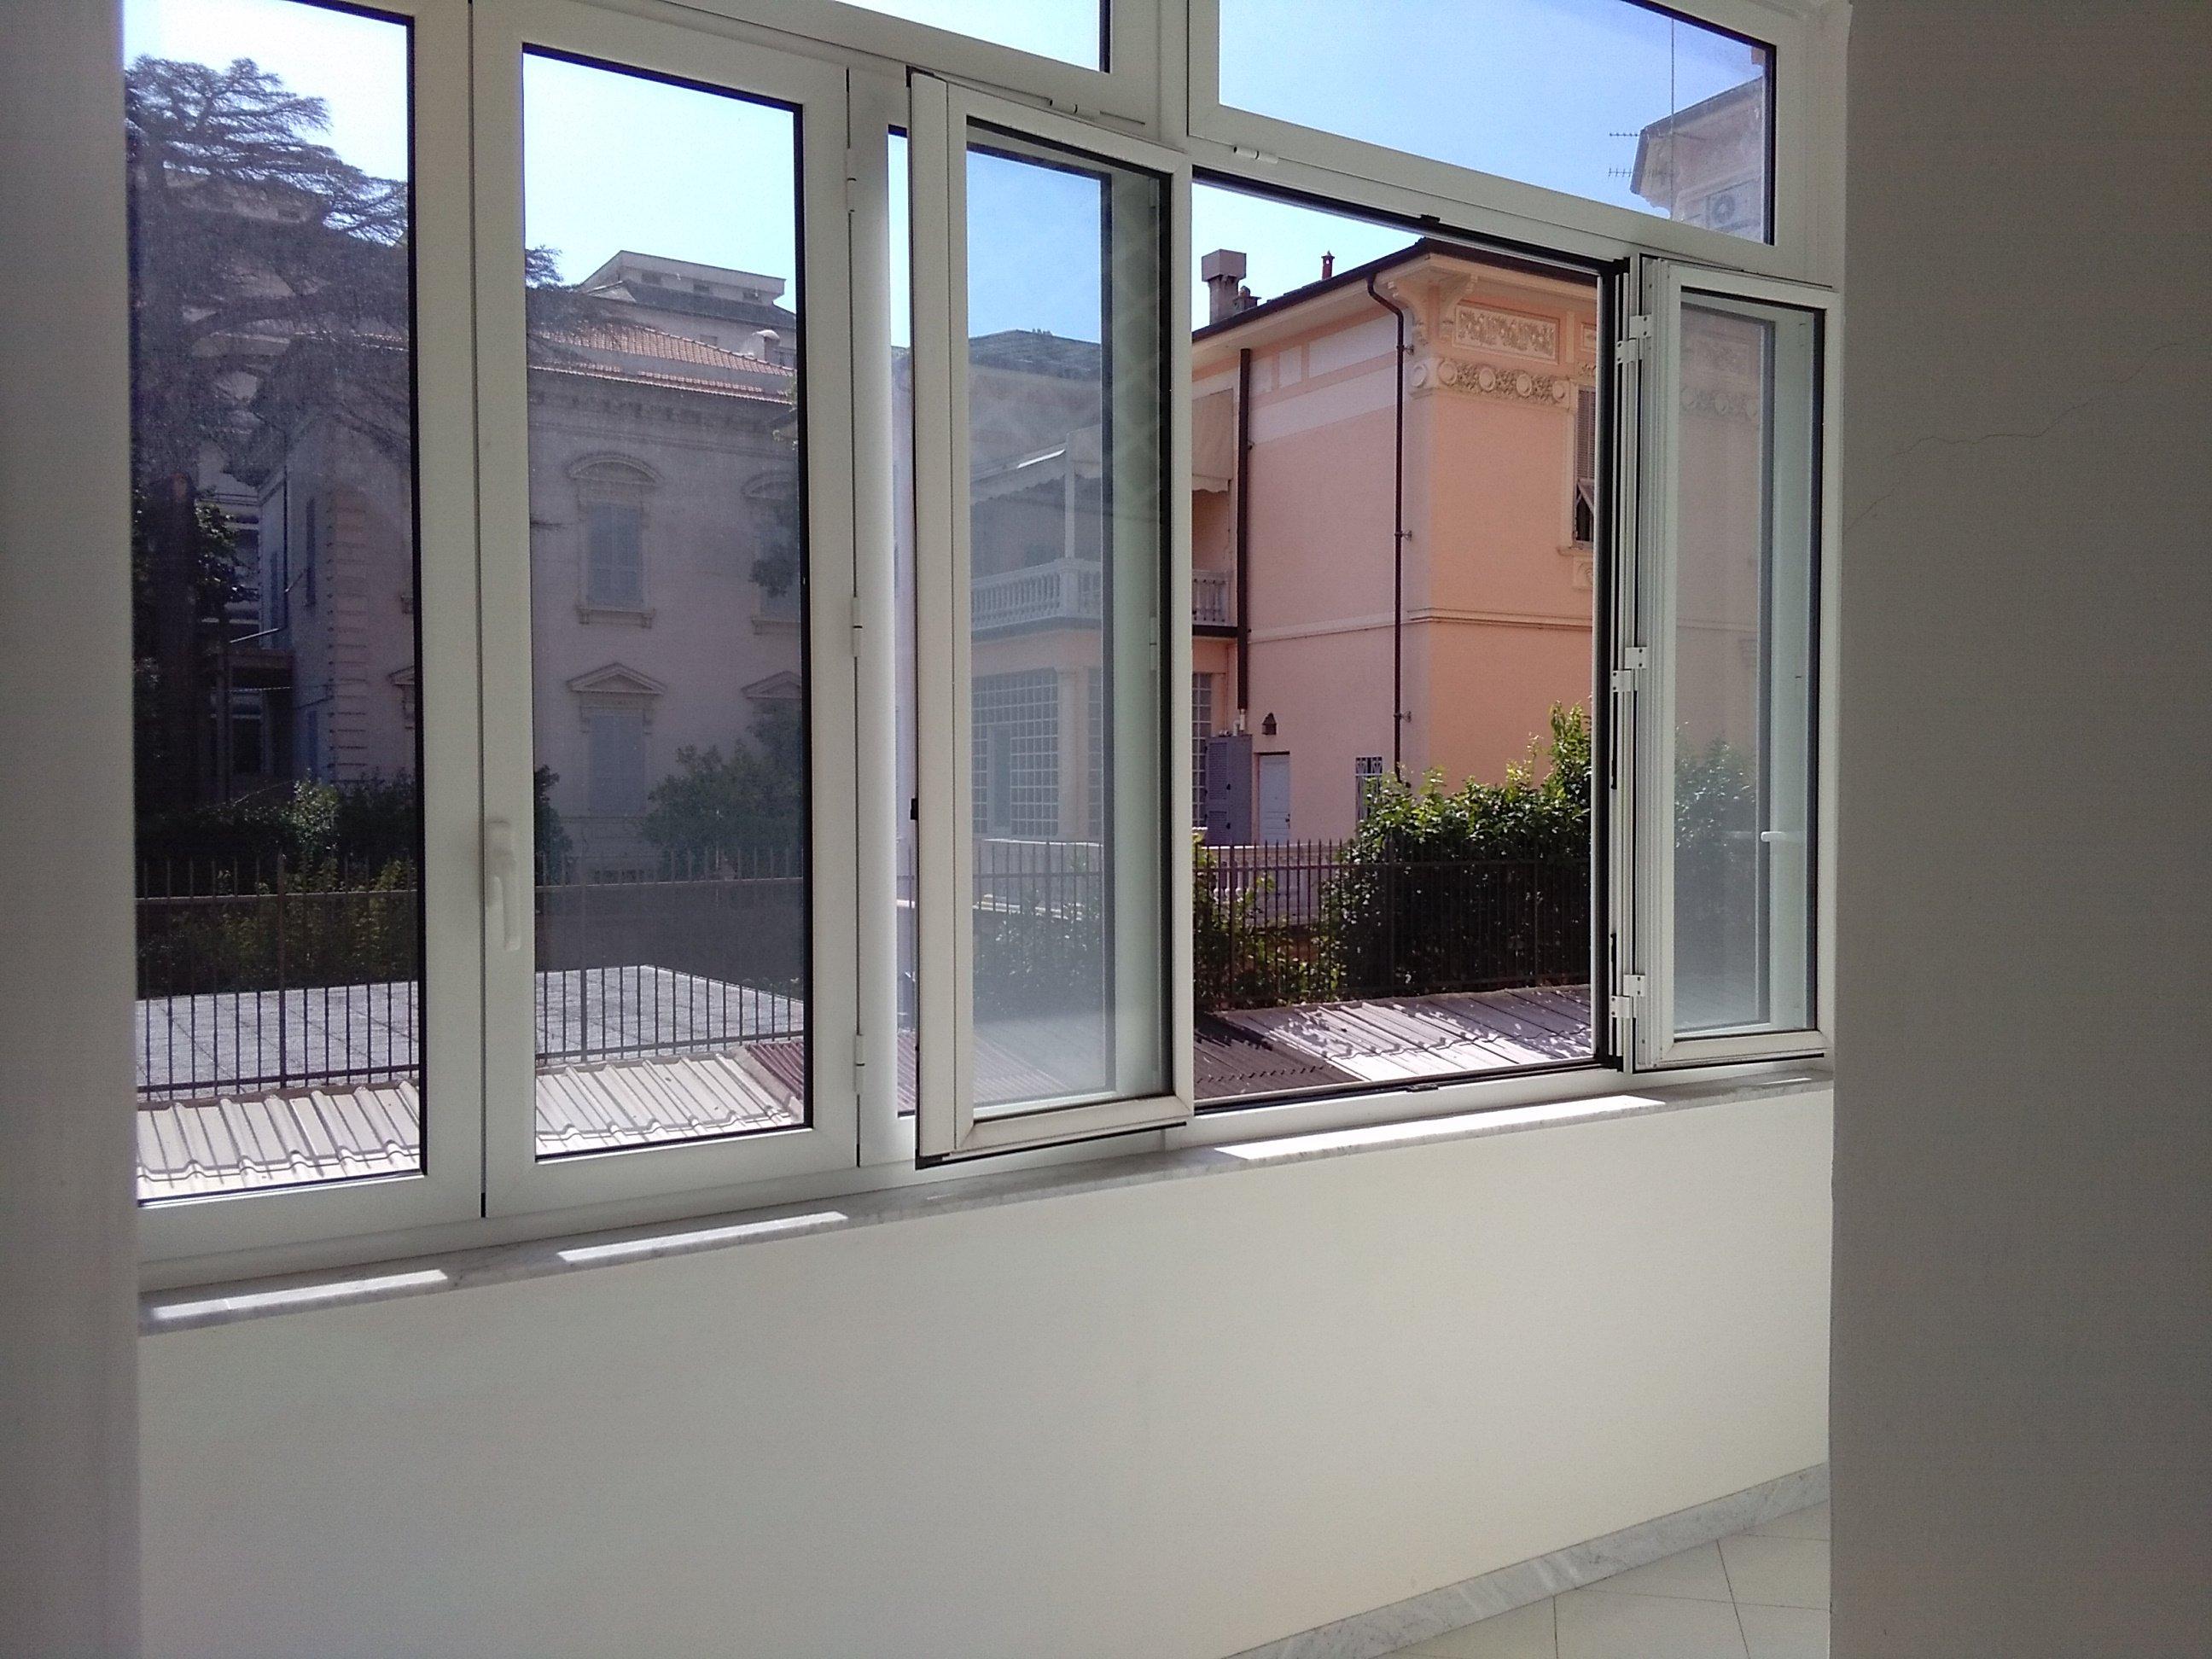 delle finestre in pvc di color bianco